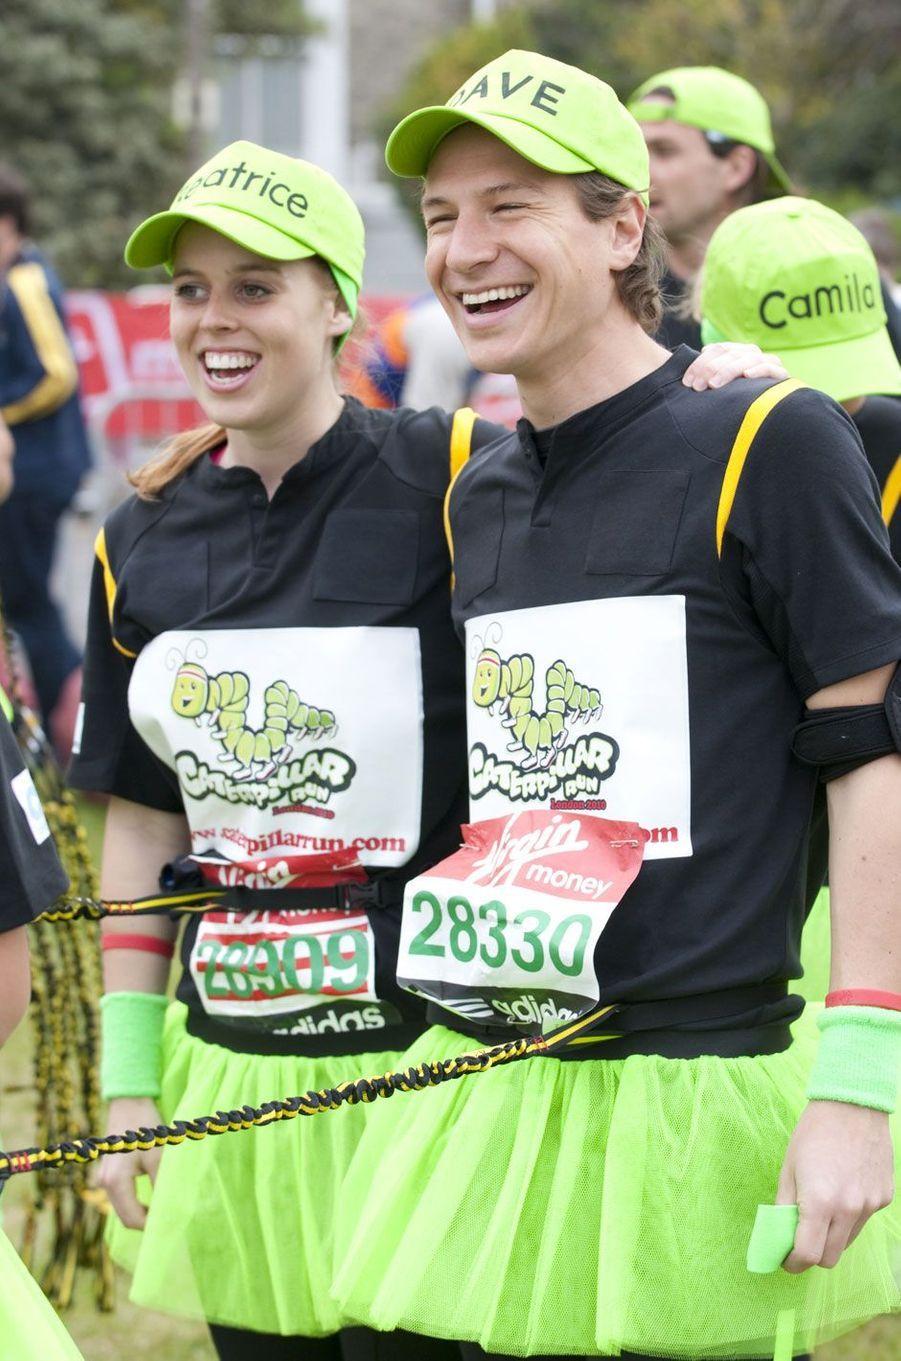 Ici lors du marathon de Londres en 2010